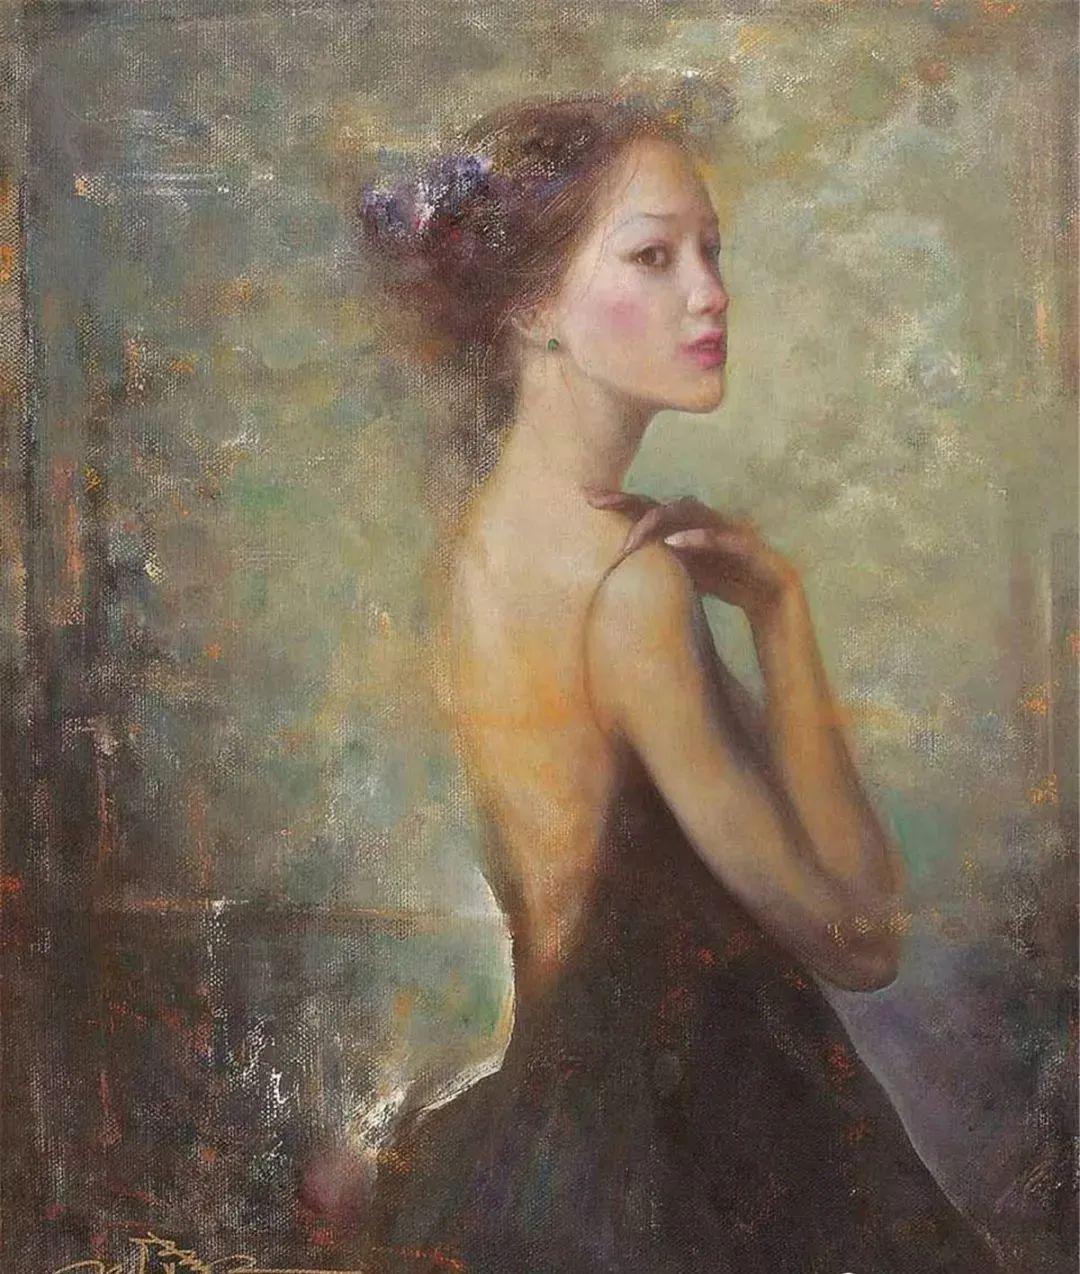 中国油画八人展,美丽的女人和风景!插图15